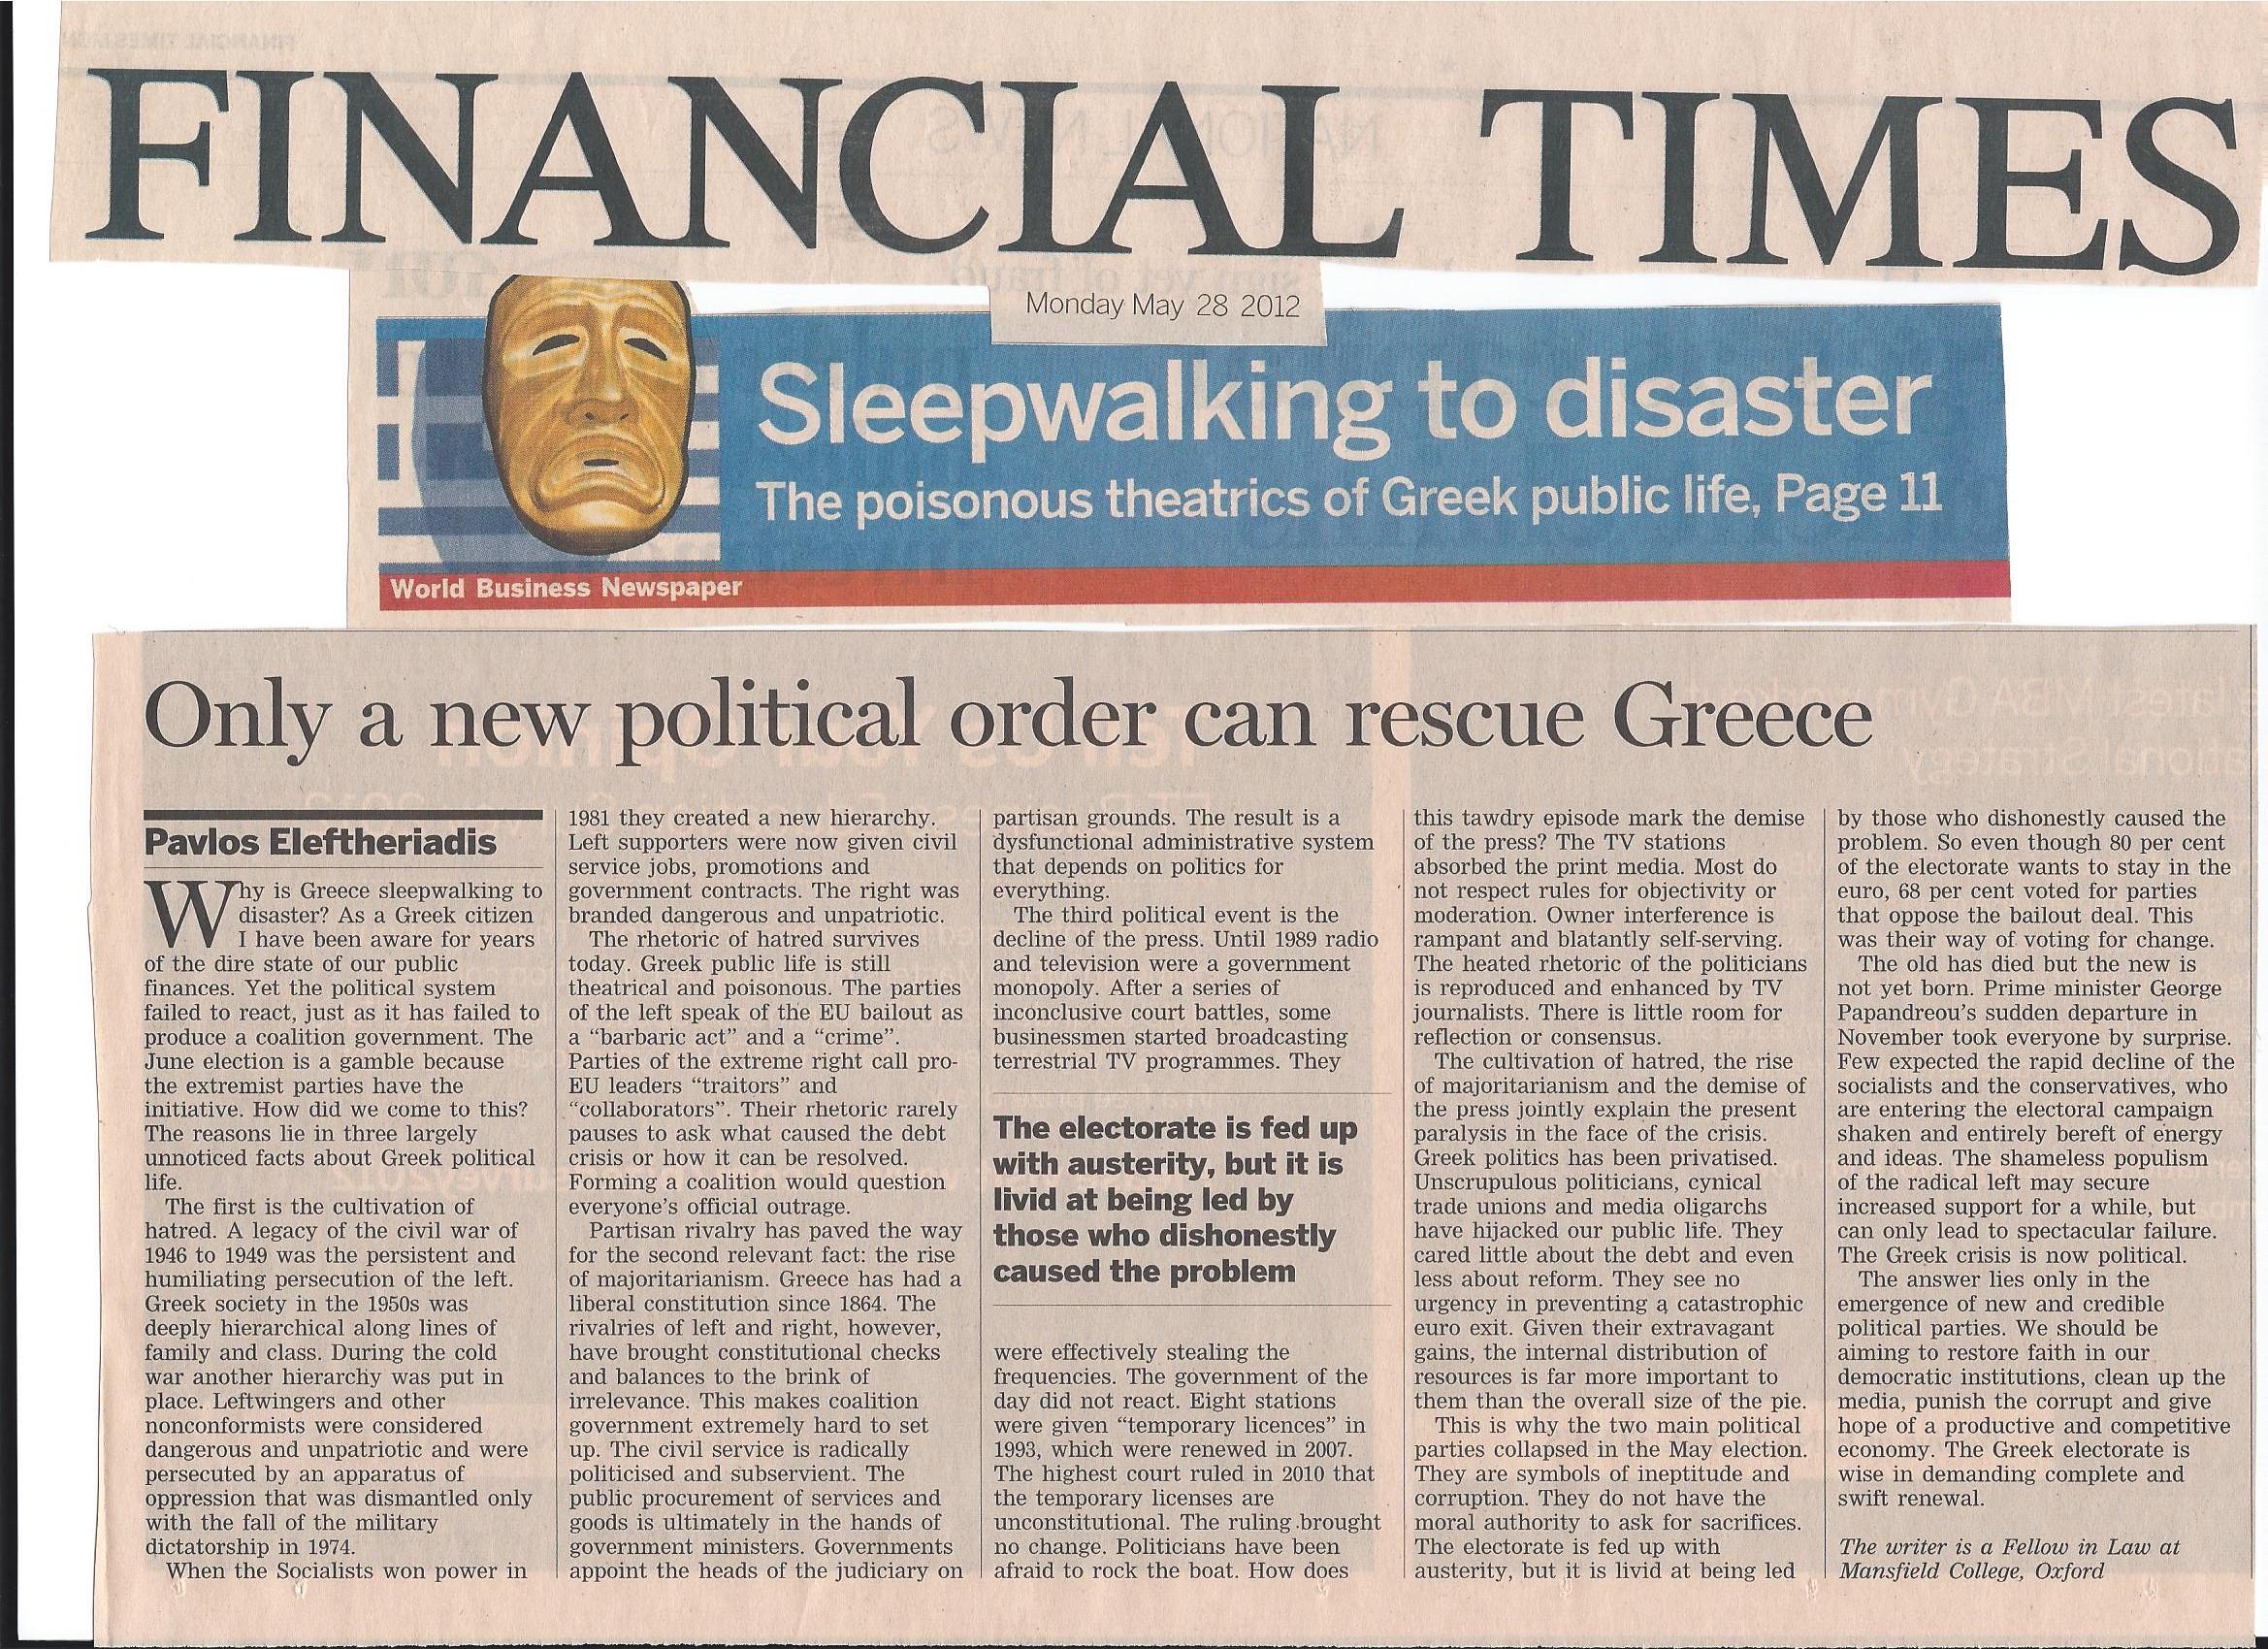 FT_Article_2012_05_28.jpg